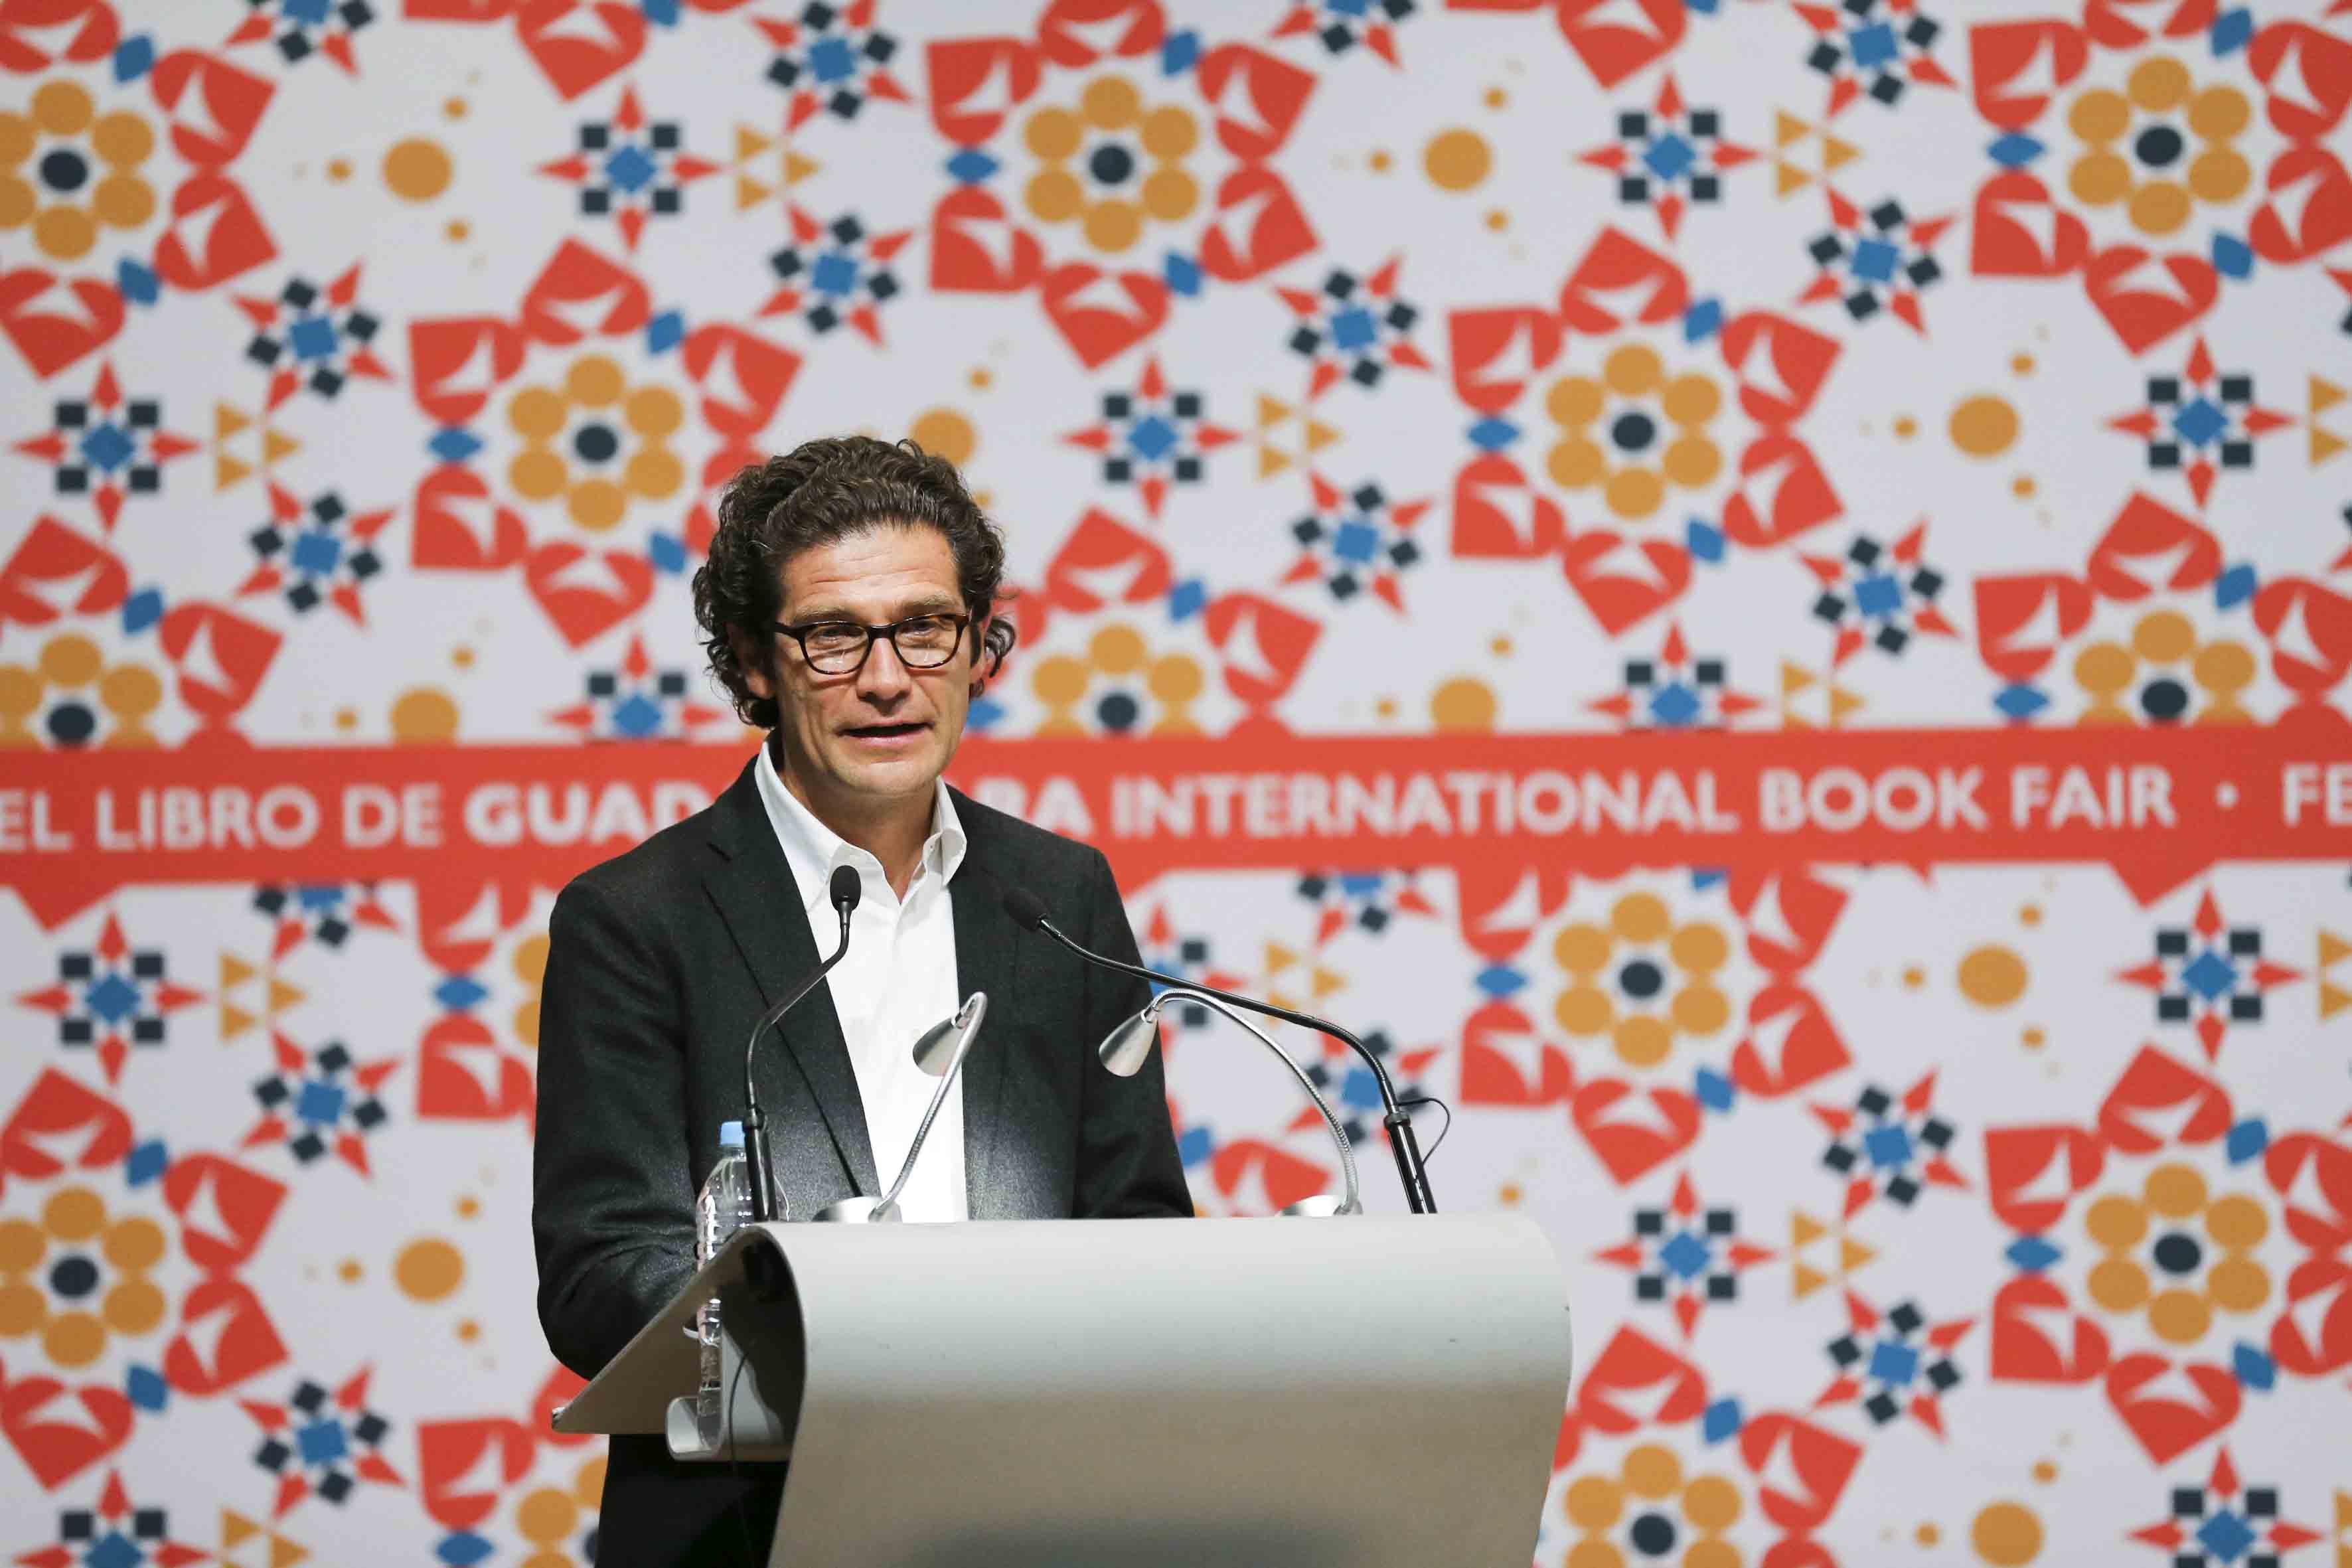 Arquitecto colombiano Juan Pablo Ortiz, participando en su Homenaje, desde el podium.